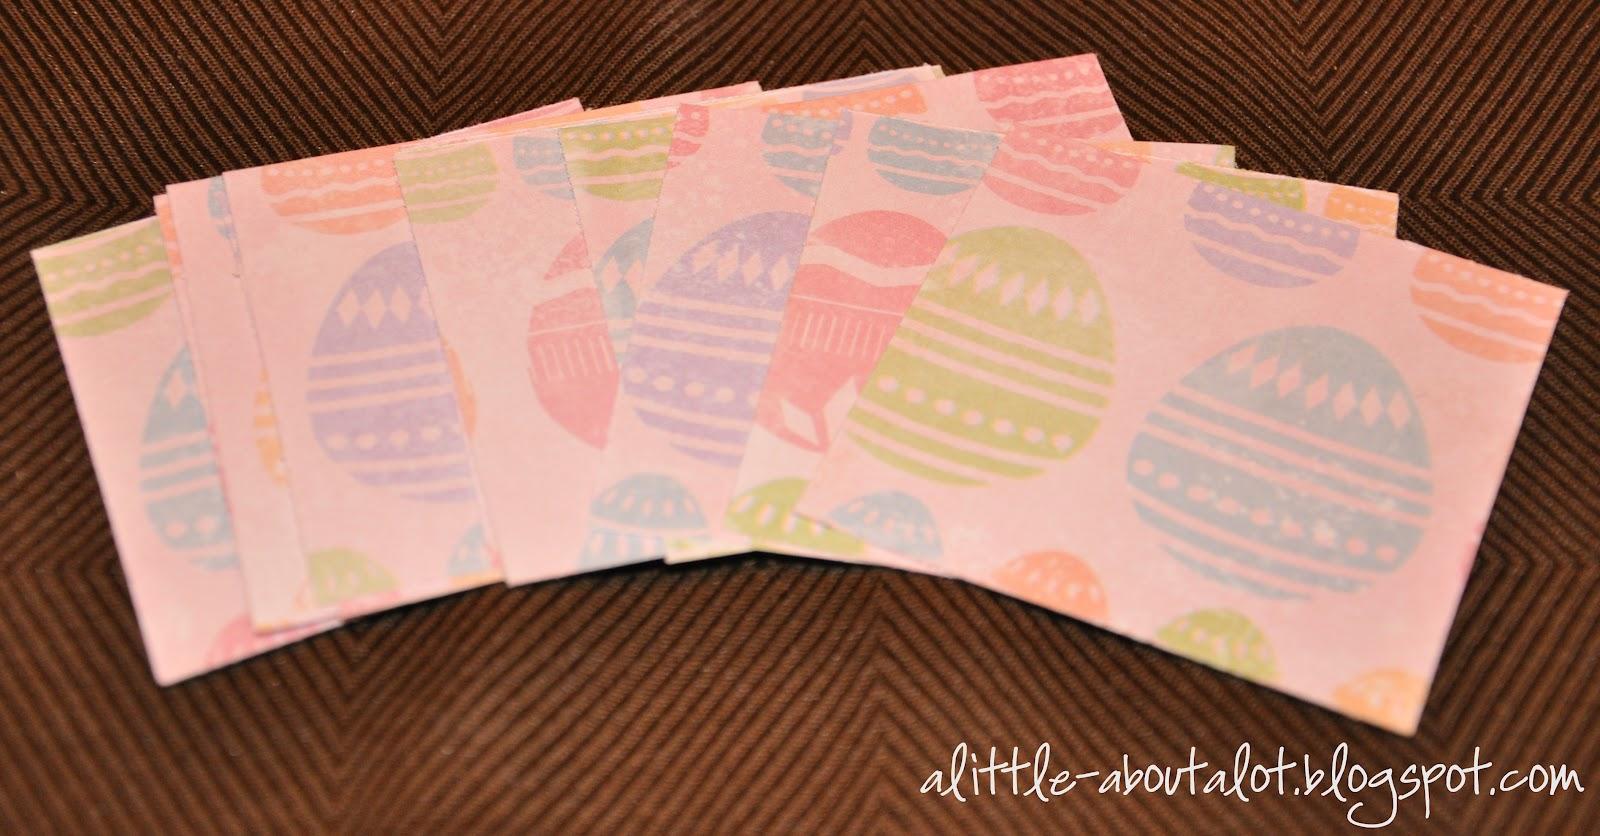 http://2.bp.blogspot.com/-qD3E2M_vAu4/T3T0qVLkTyI/AAAAAAAAHx0/L2hoir64SJA/s1600/Easter+Banner_20.JPG